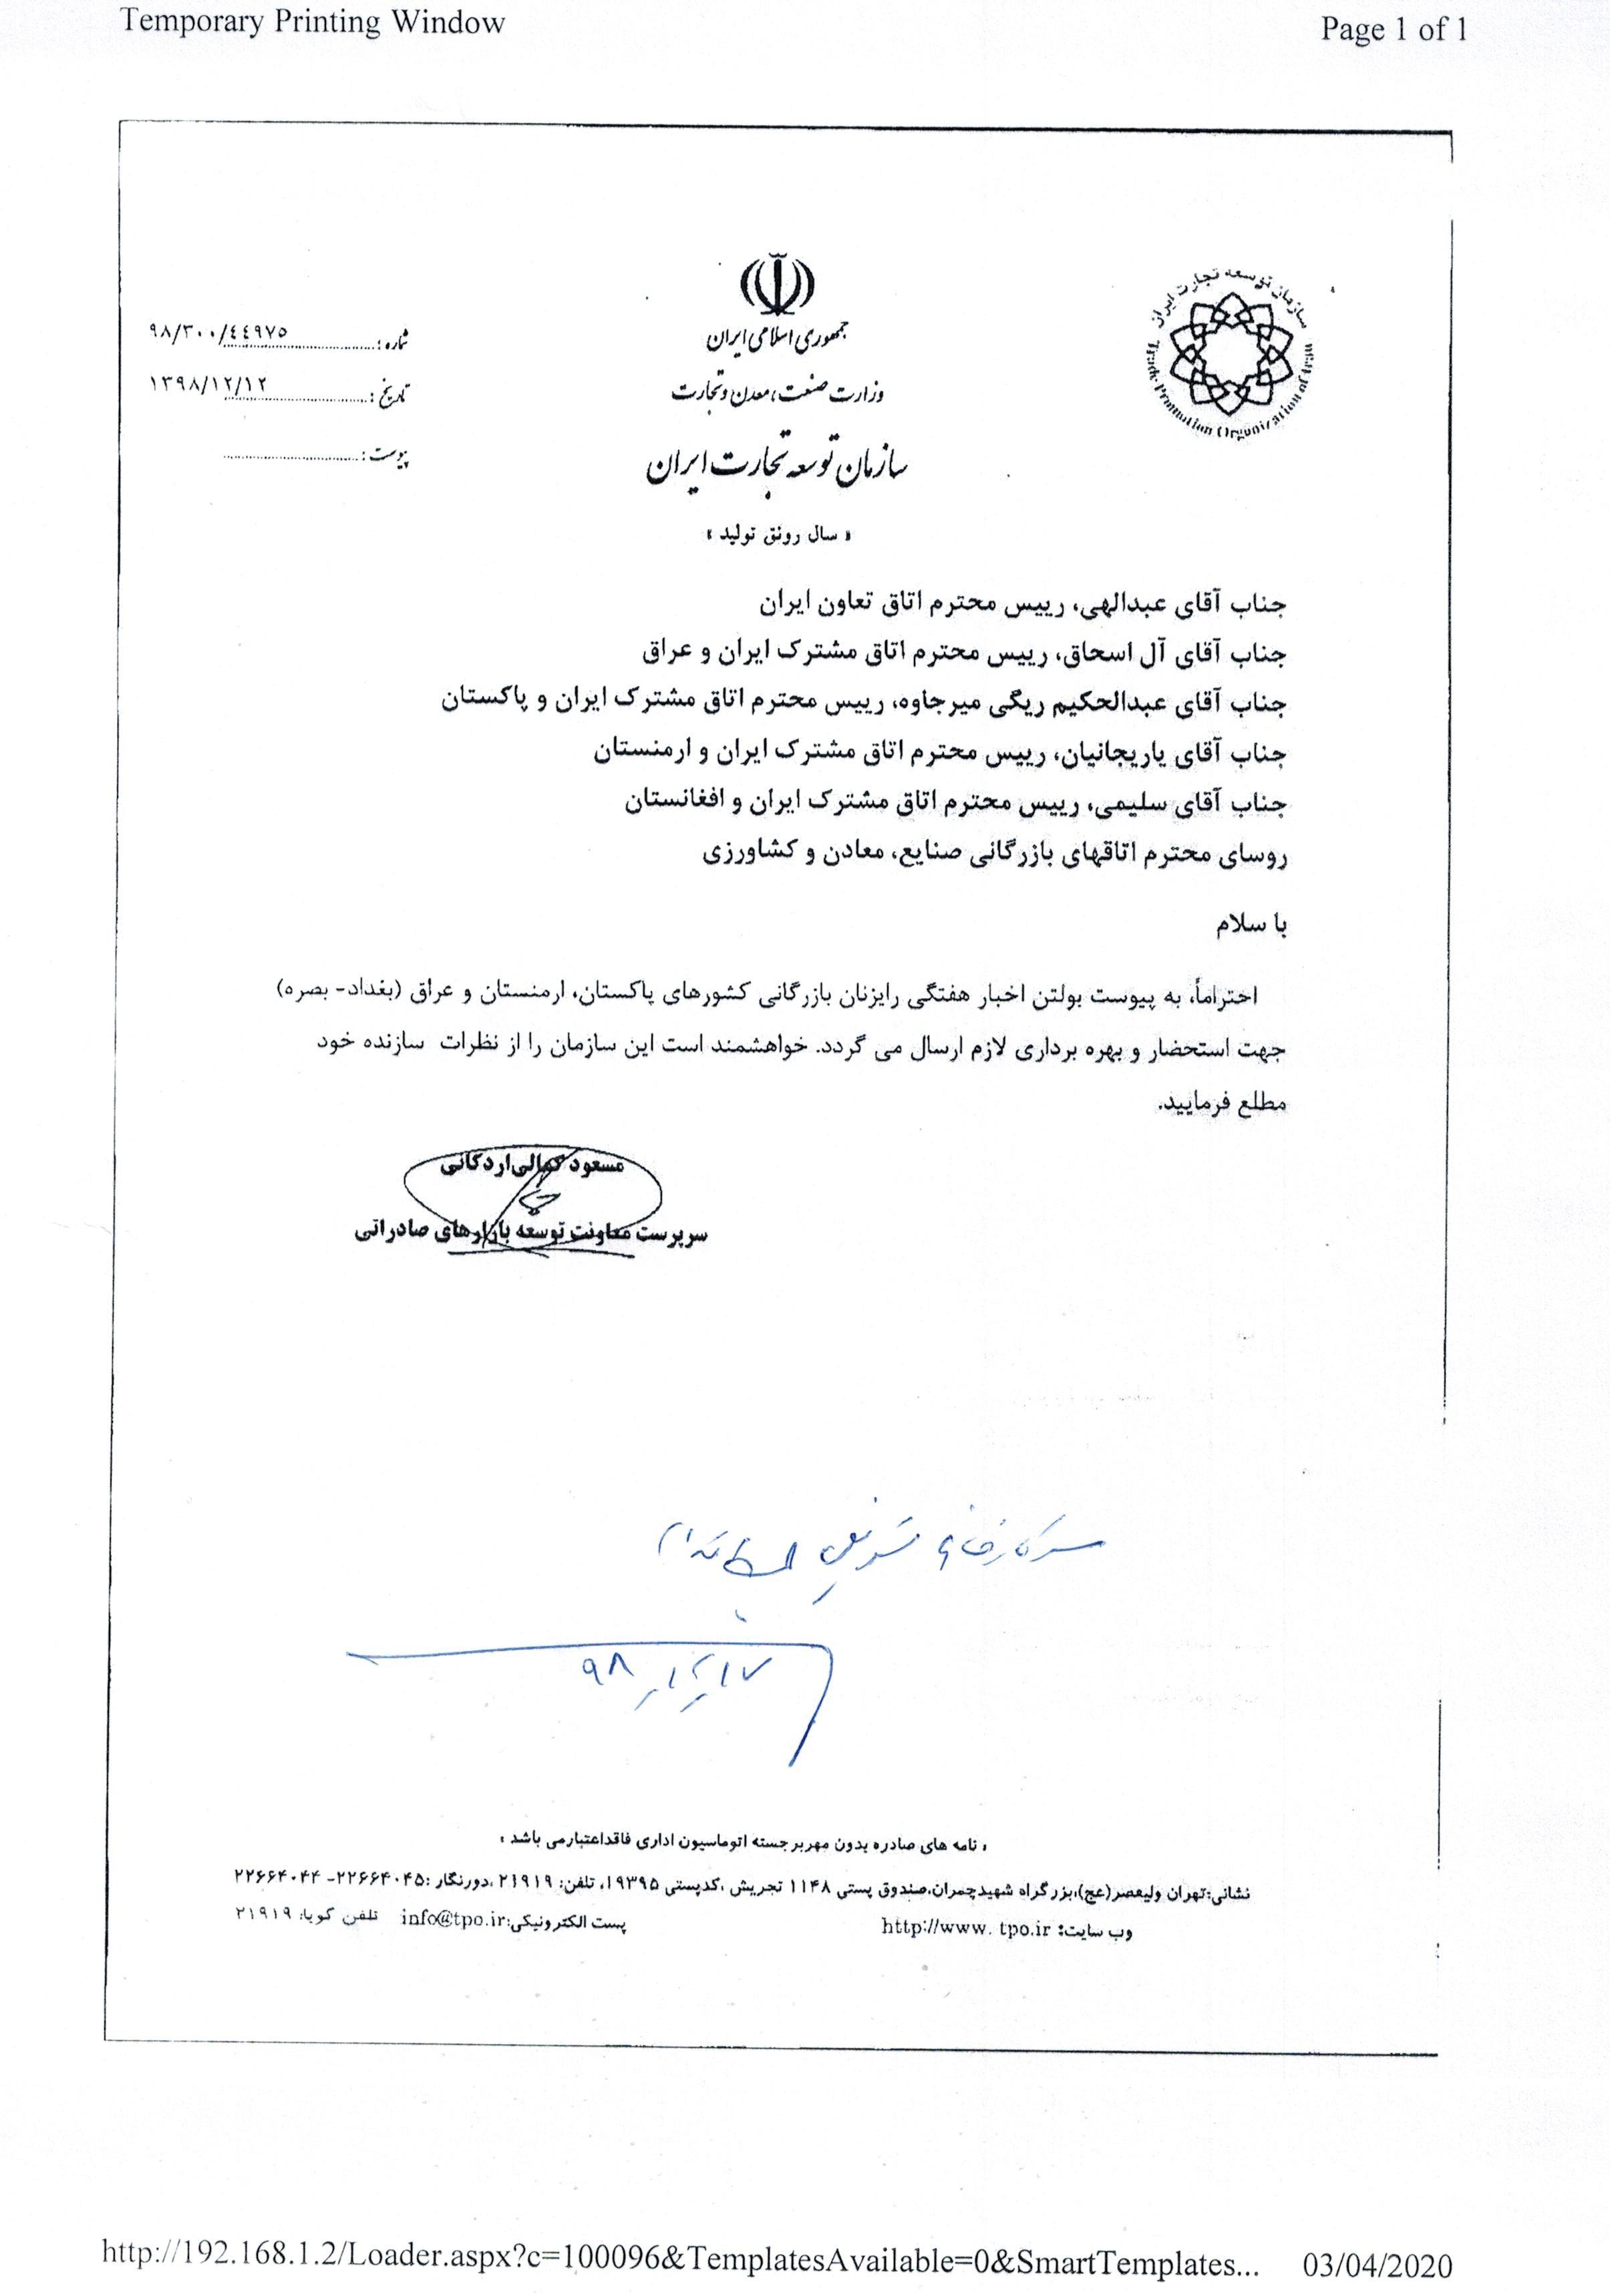 بولتن اخبار هفتگی رایزنان ارمنستان پاکستان عراق